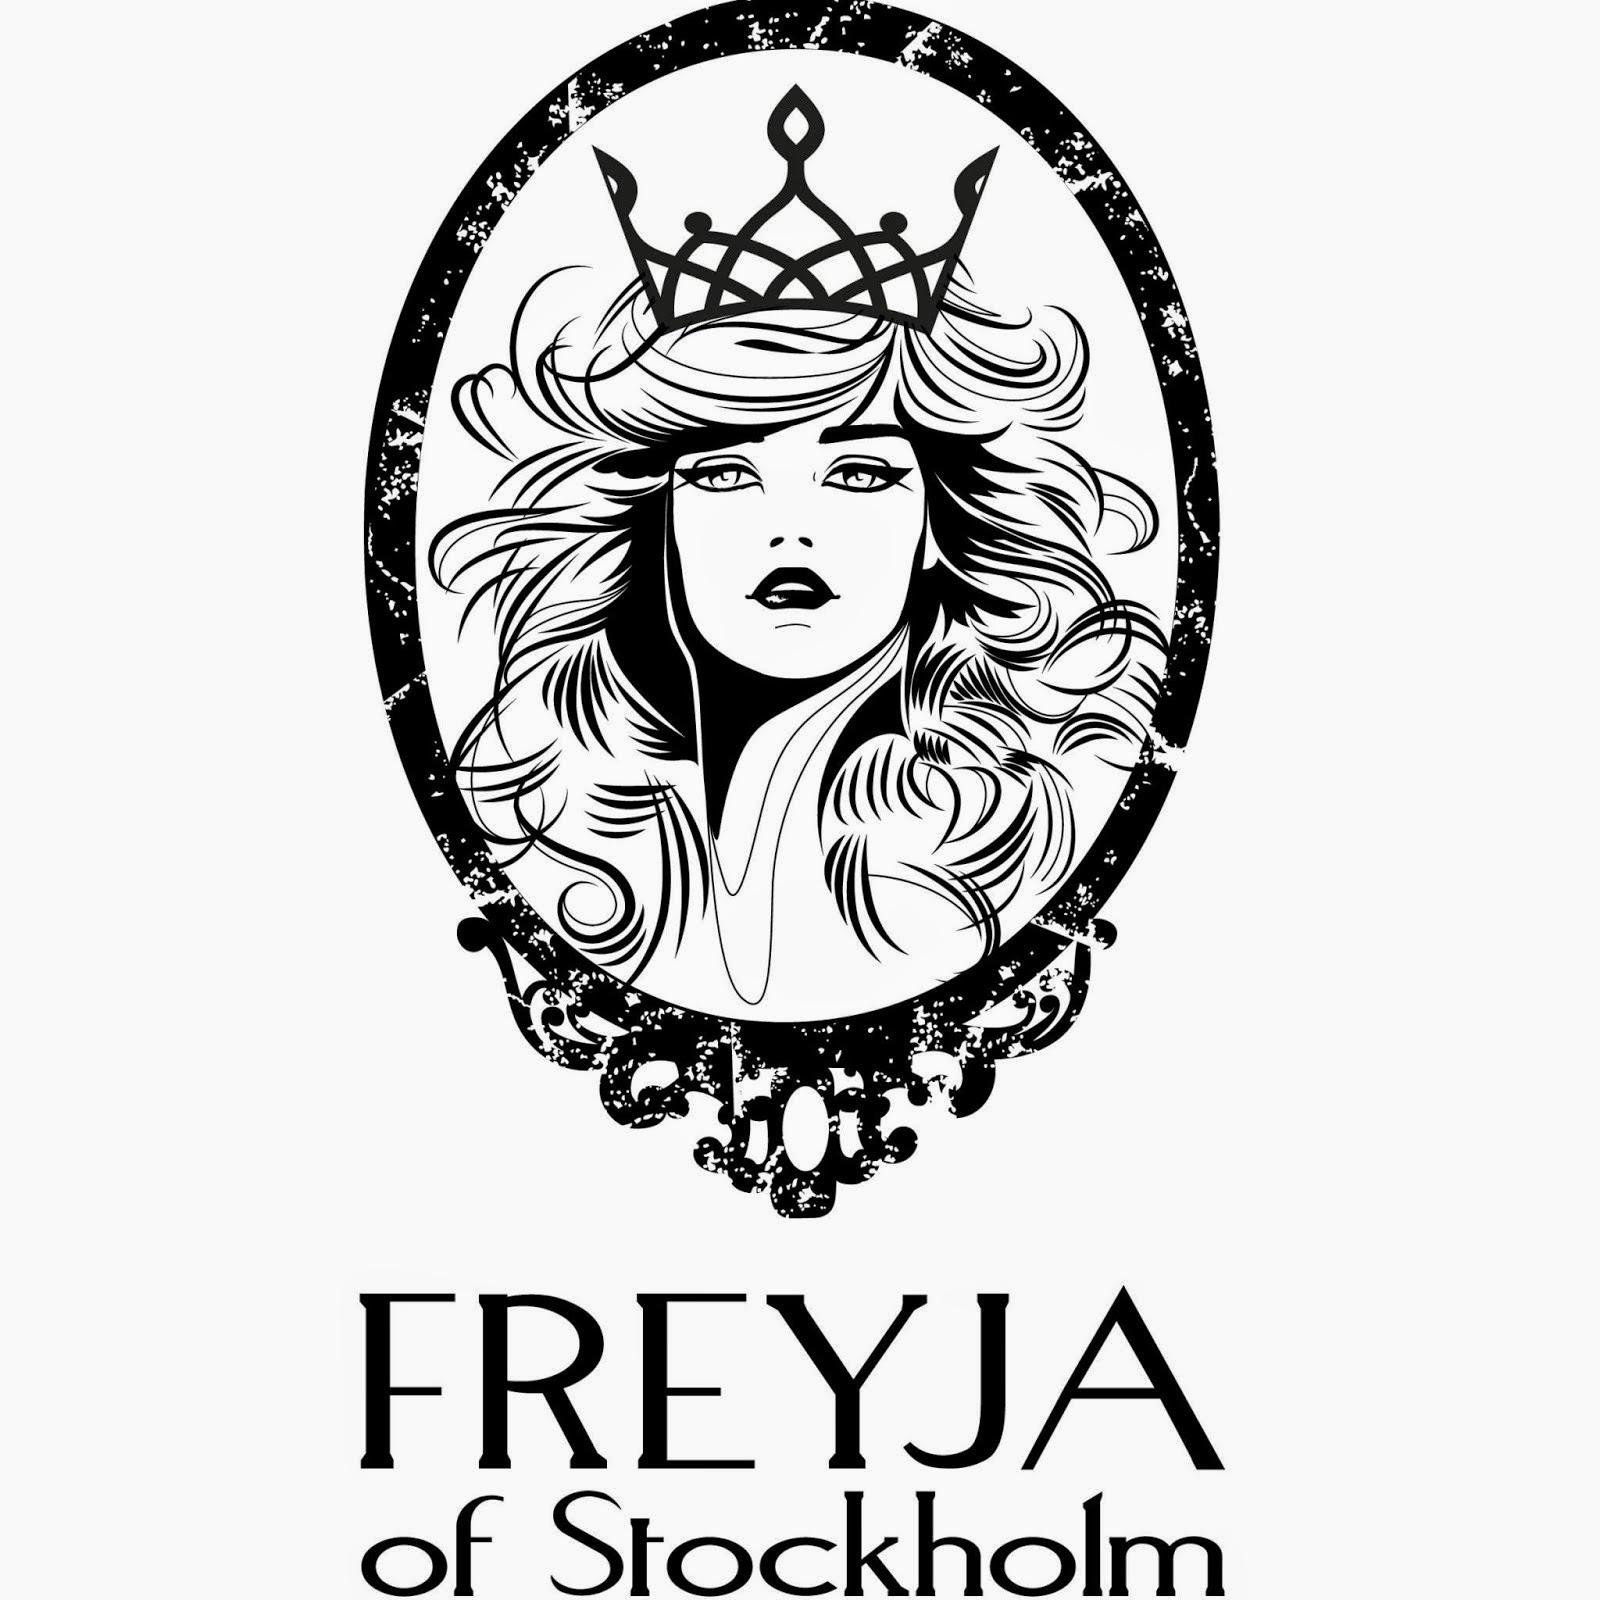 Freyja of Stockholm